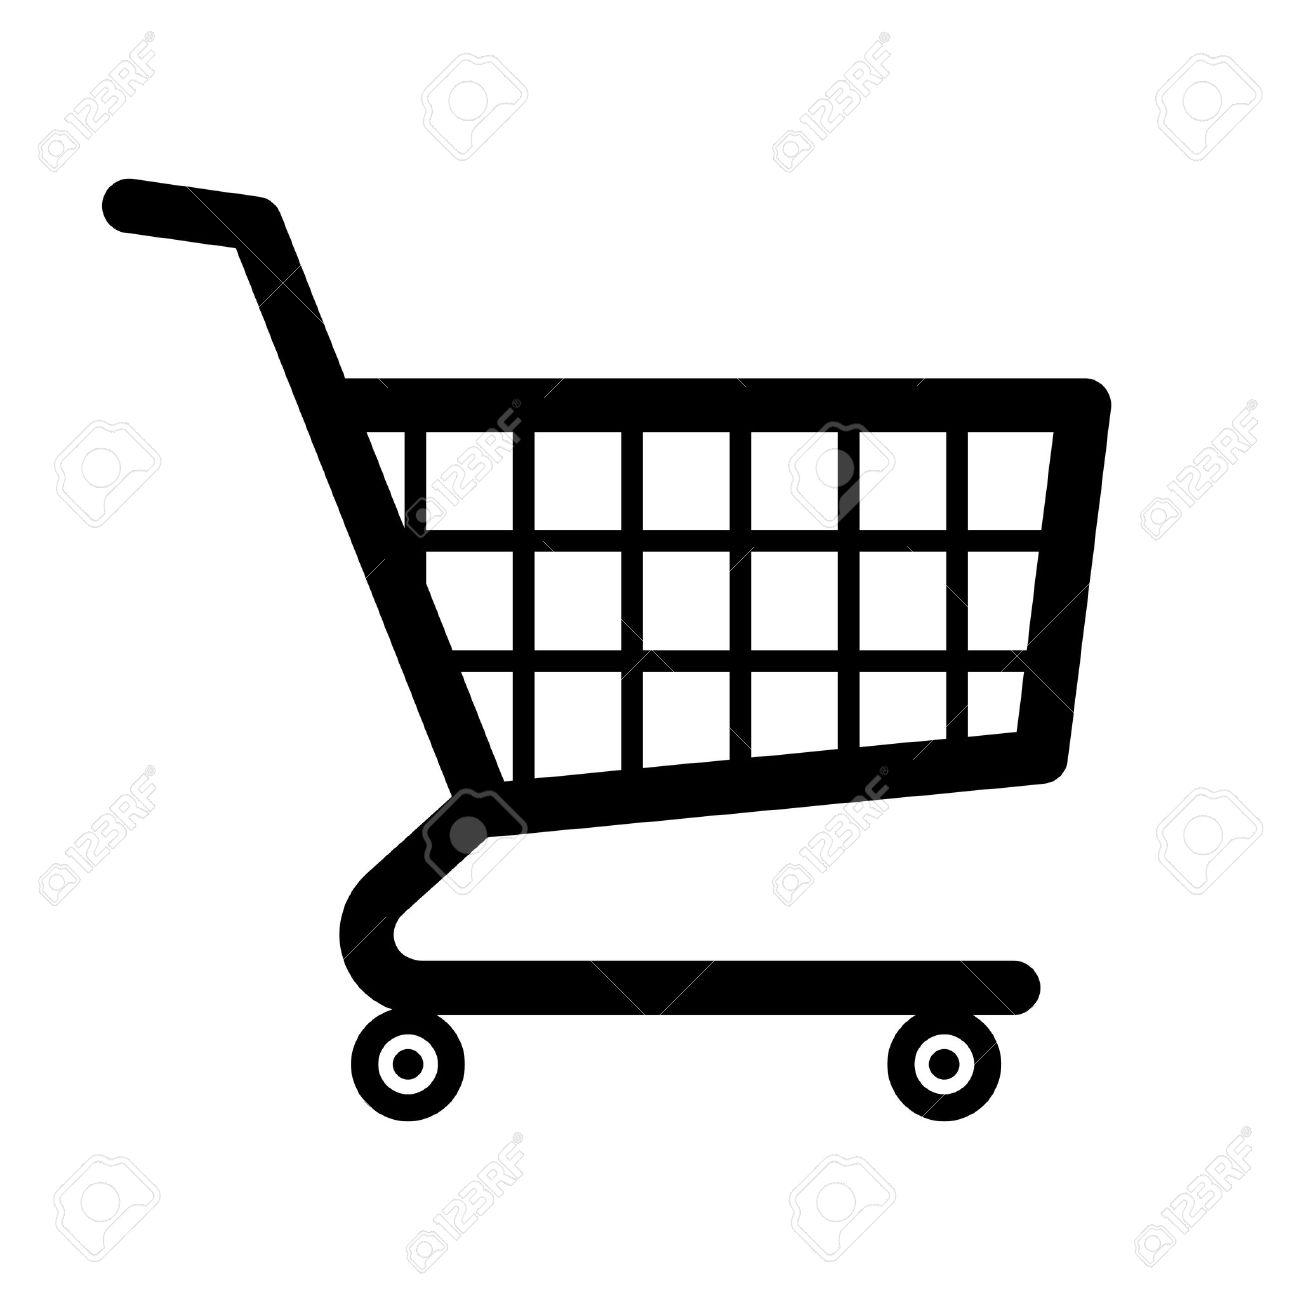 ショッピング カート アイコンのイラスト素材ベクタ Image 54302308